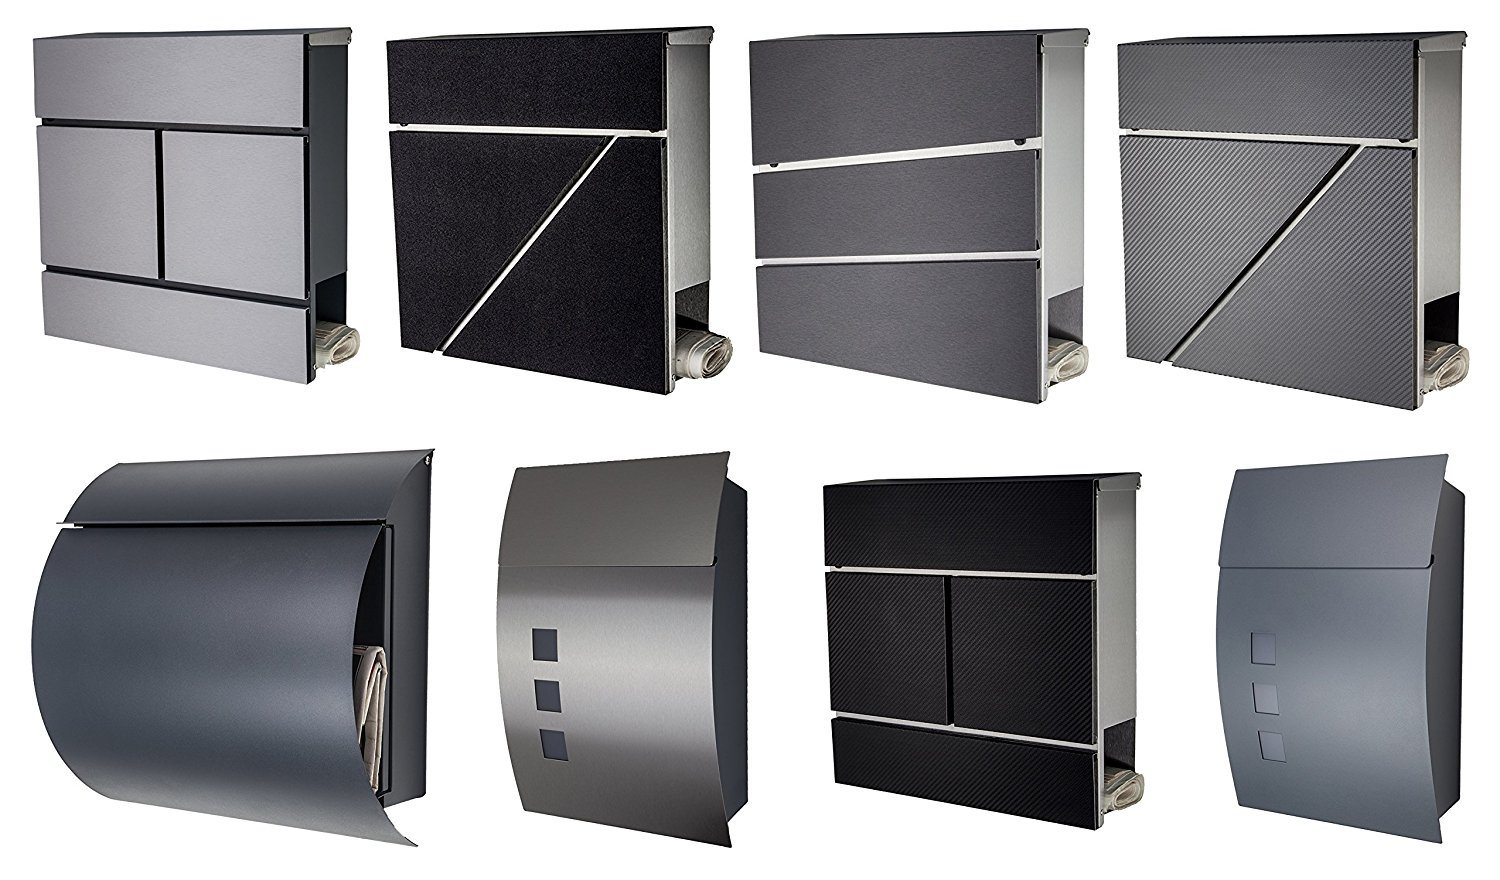 briefkasten test 2017 die 9 besten briefkasten im vergleich. Black Bedroom Furniture Sets. Home Design Ideas